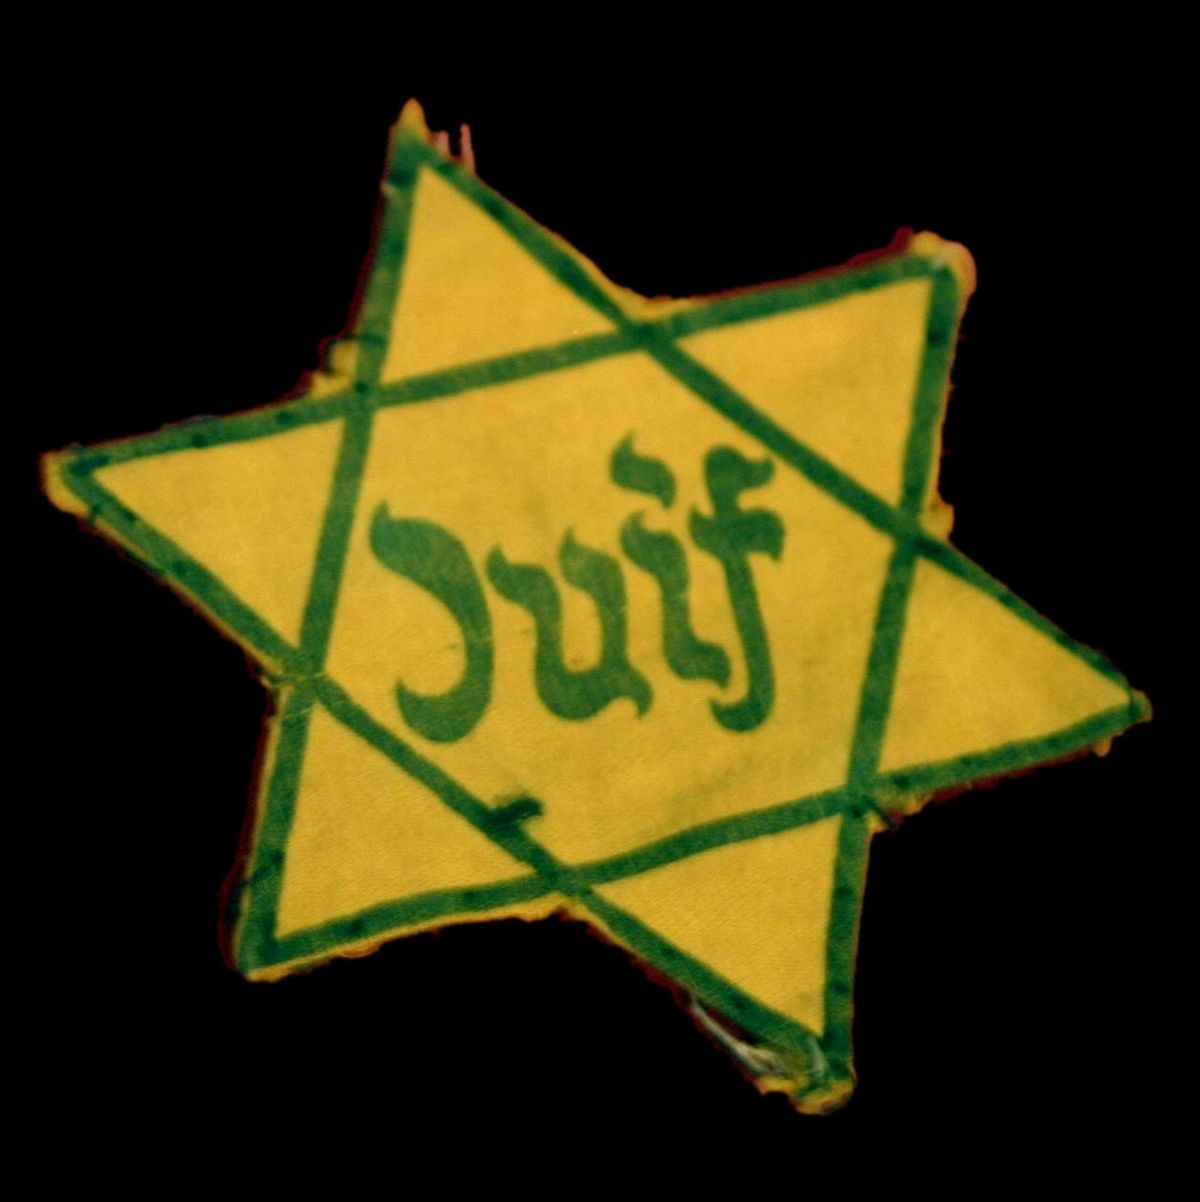 étoile Jaune Wiktionnaire